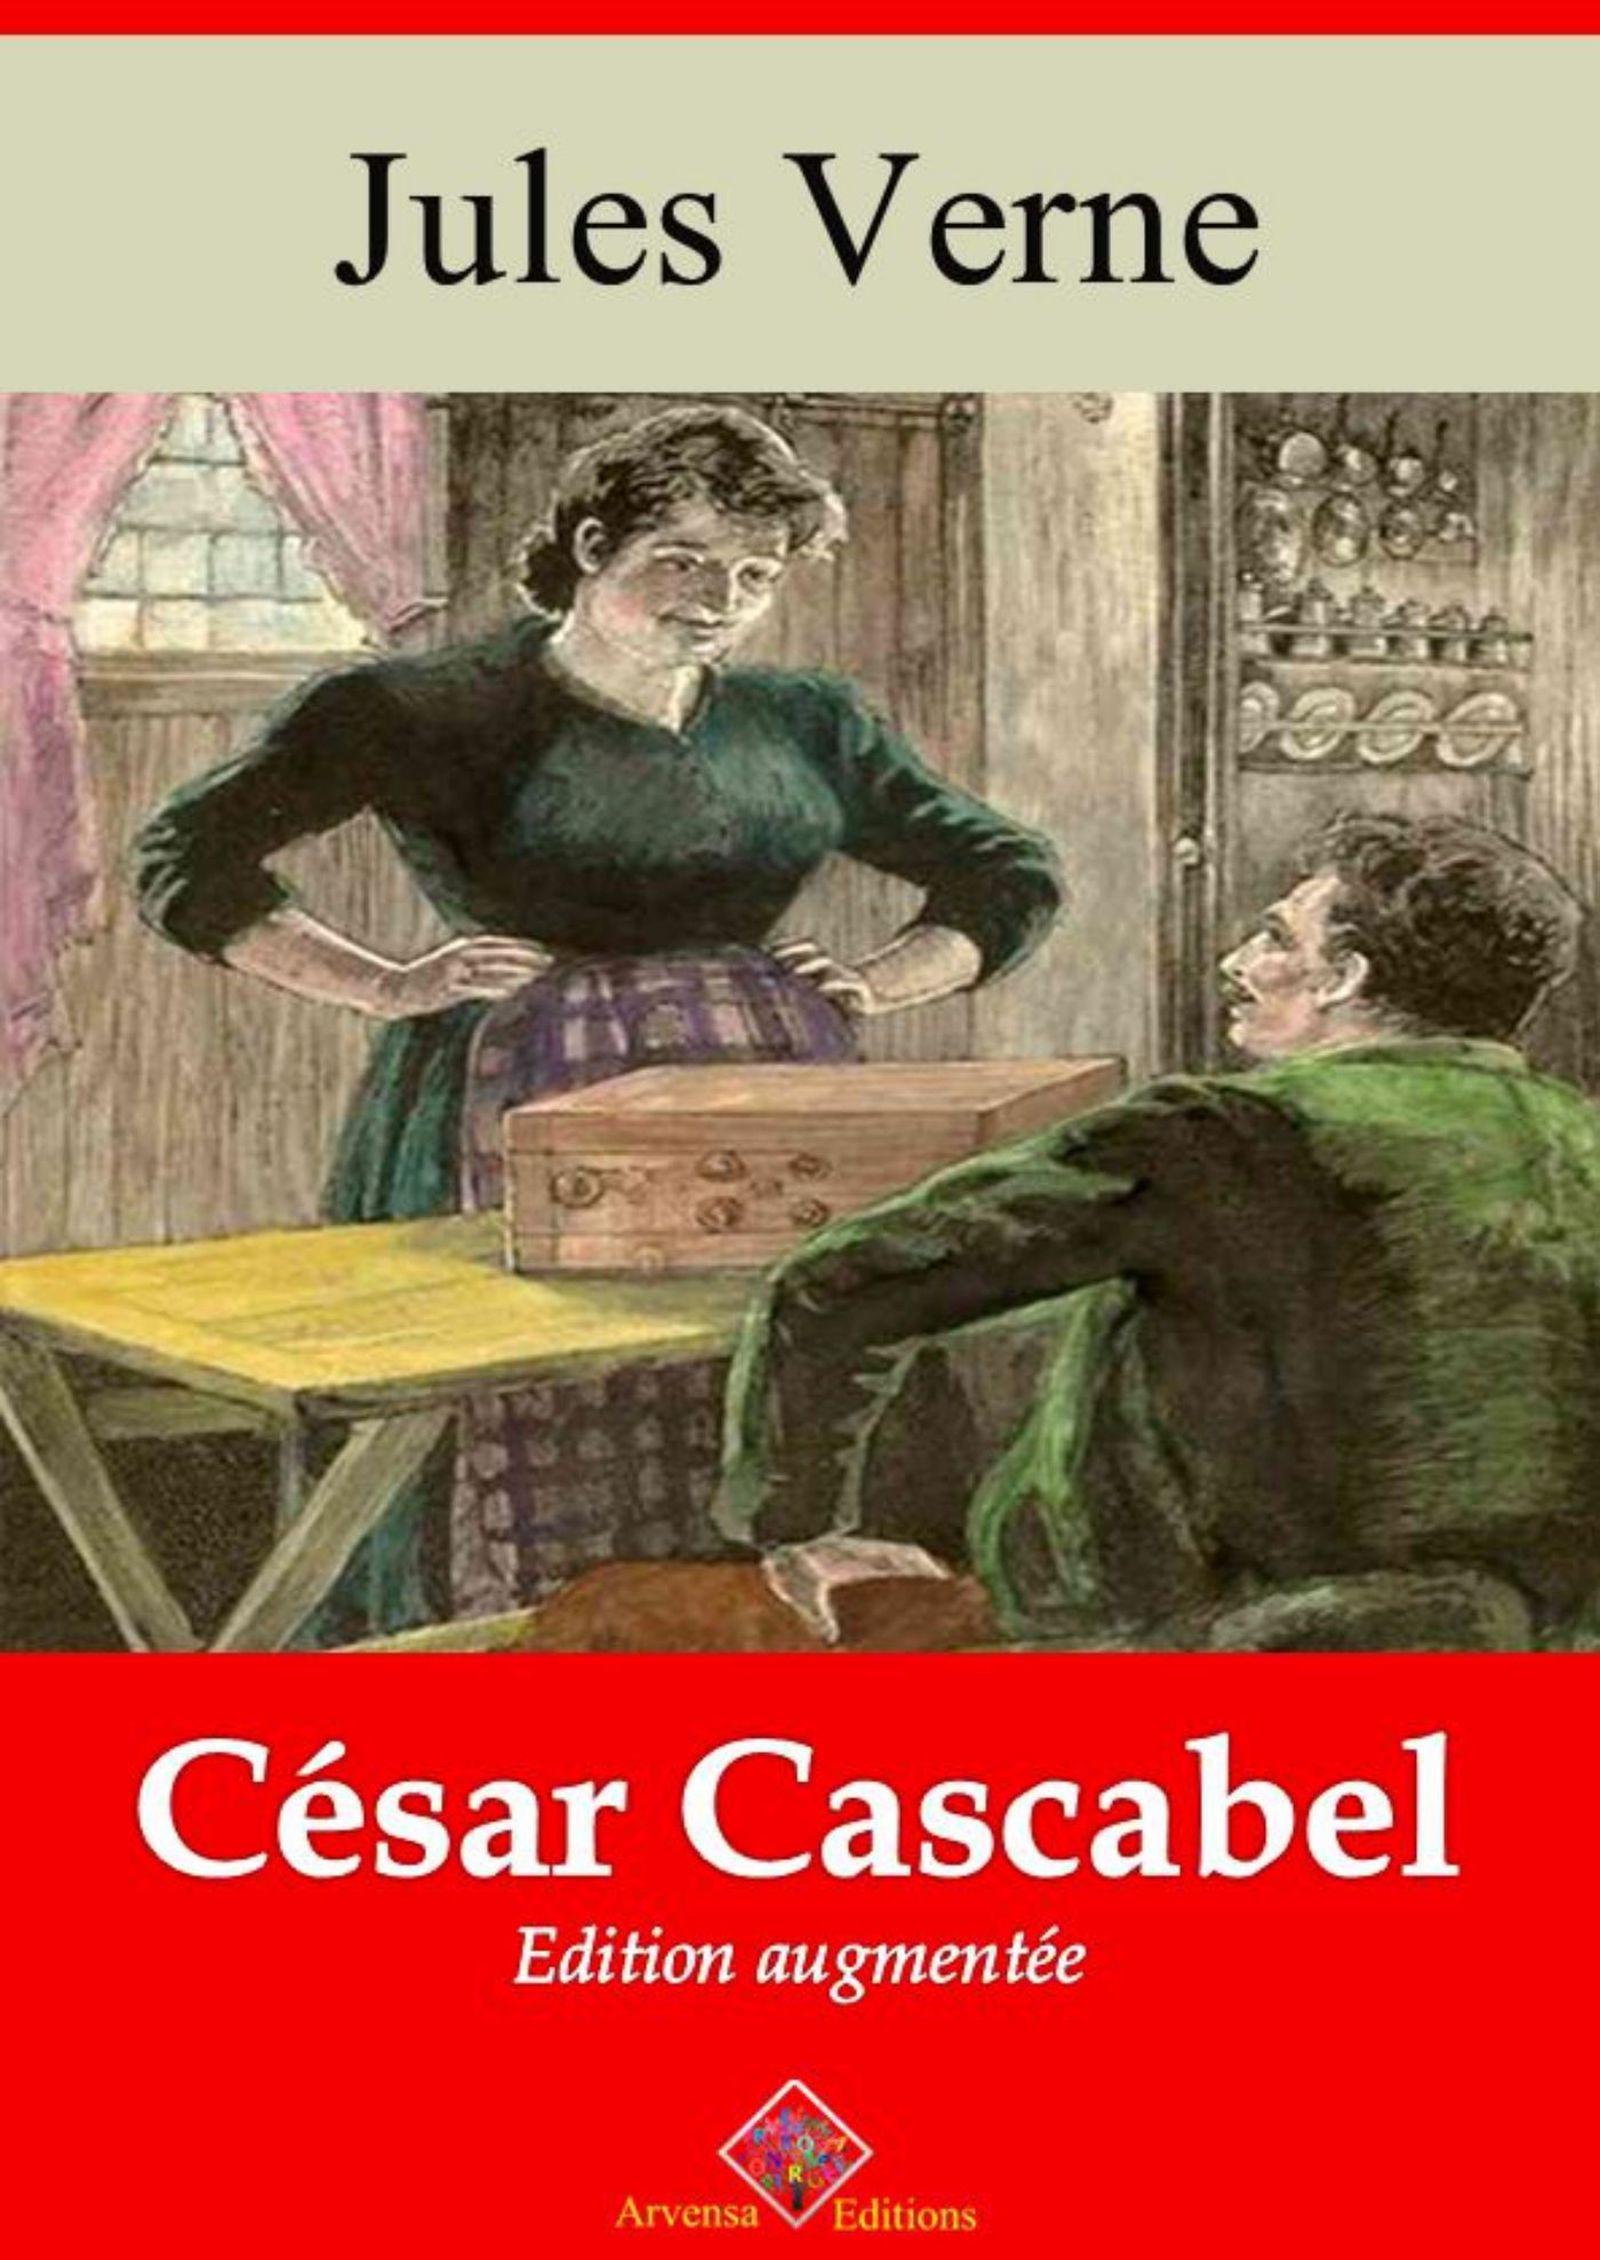 César Cascabel - suivi d'annexes  - Jules Verne (1828-1905)